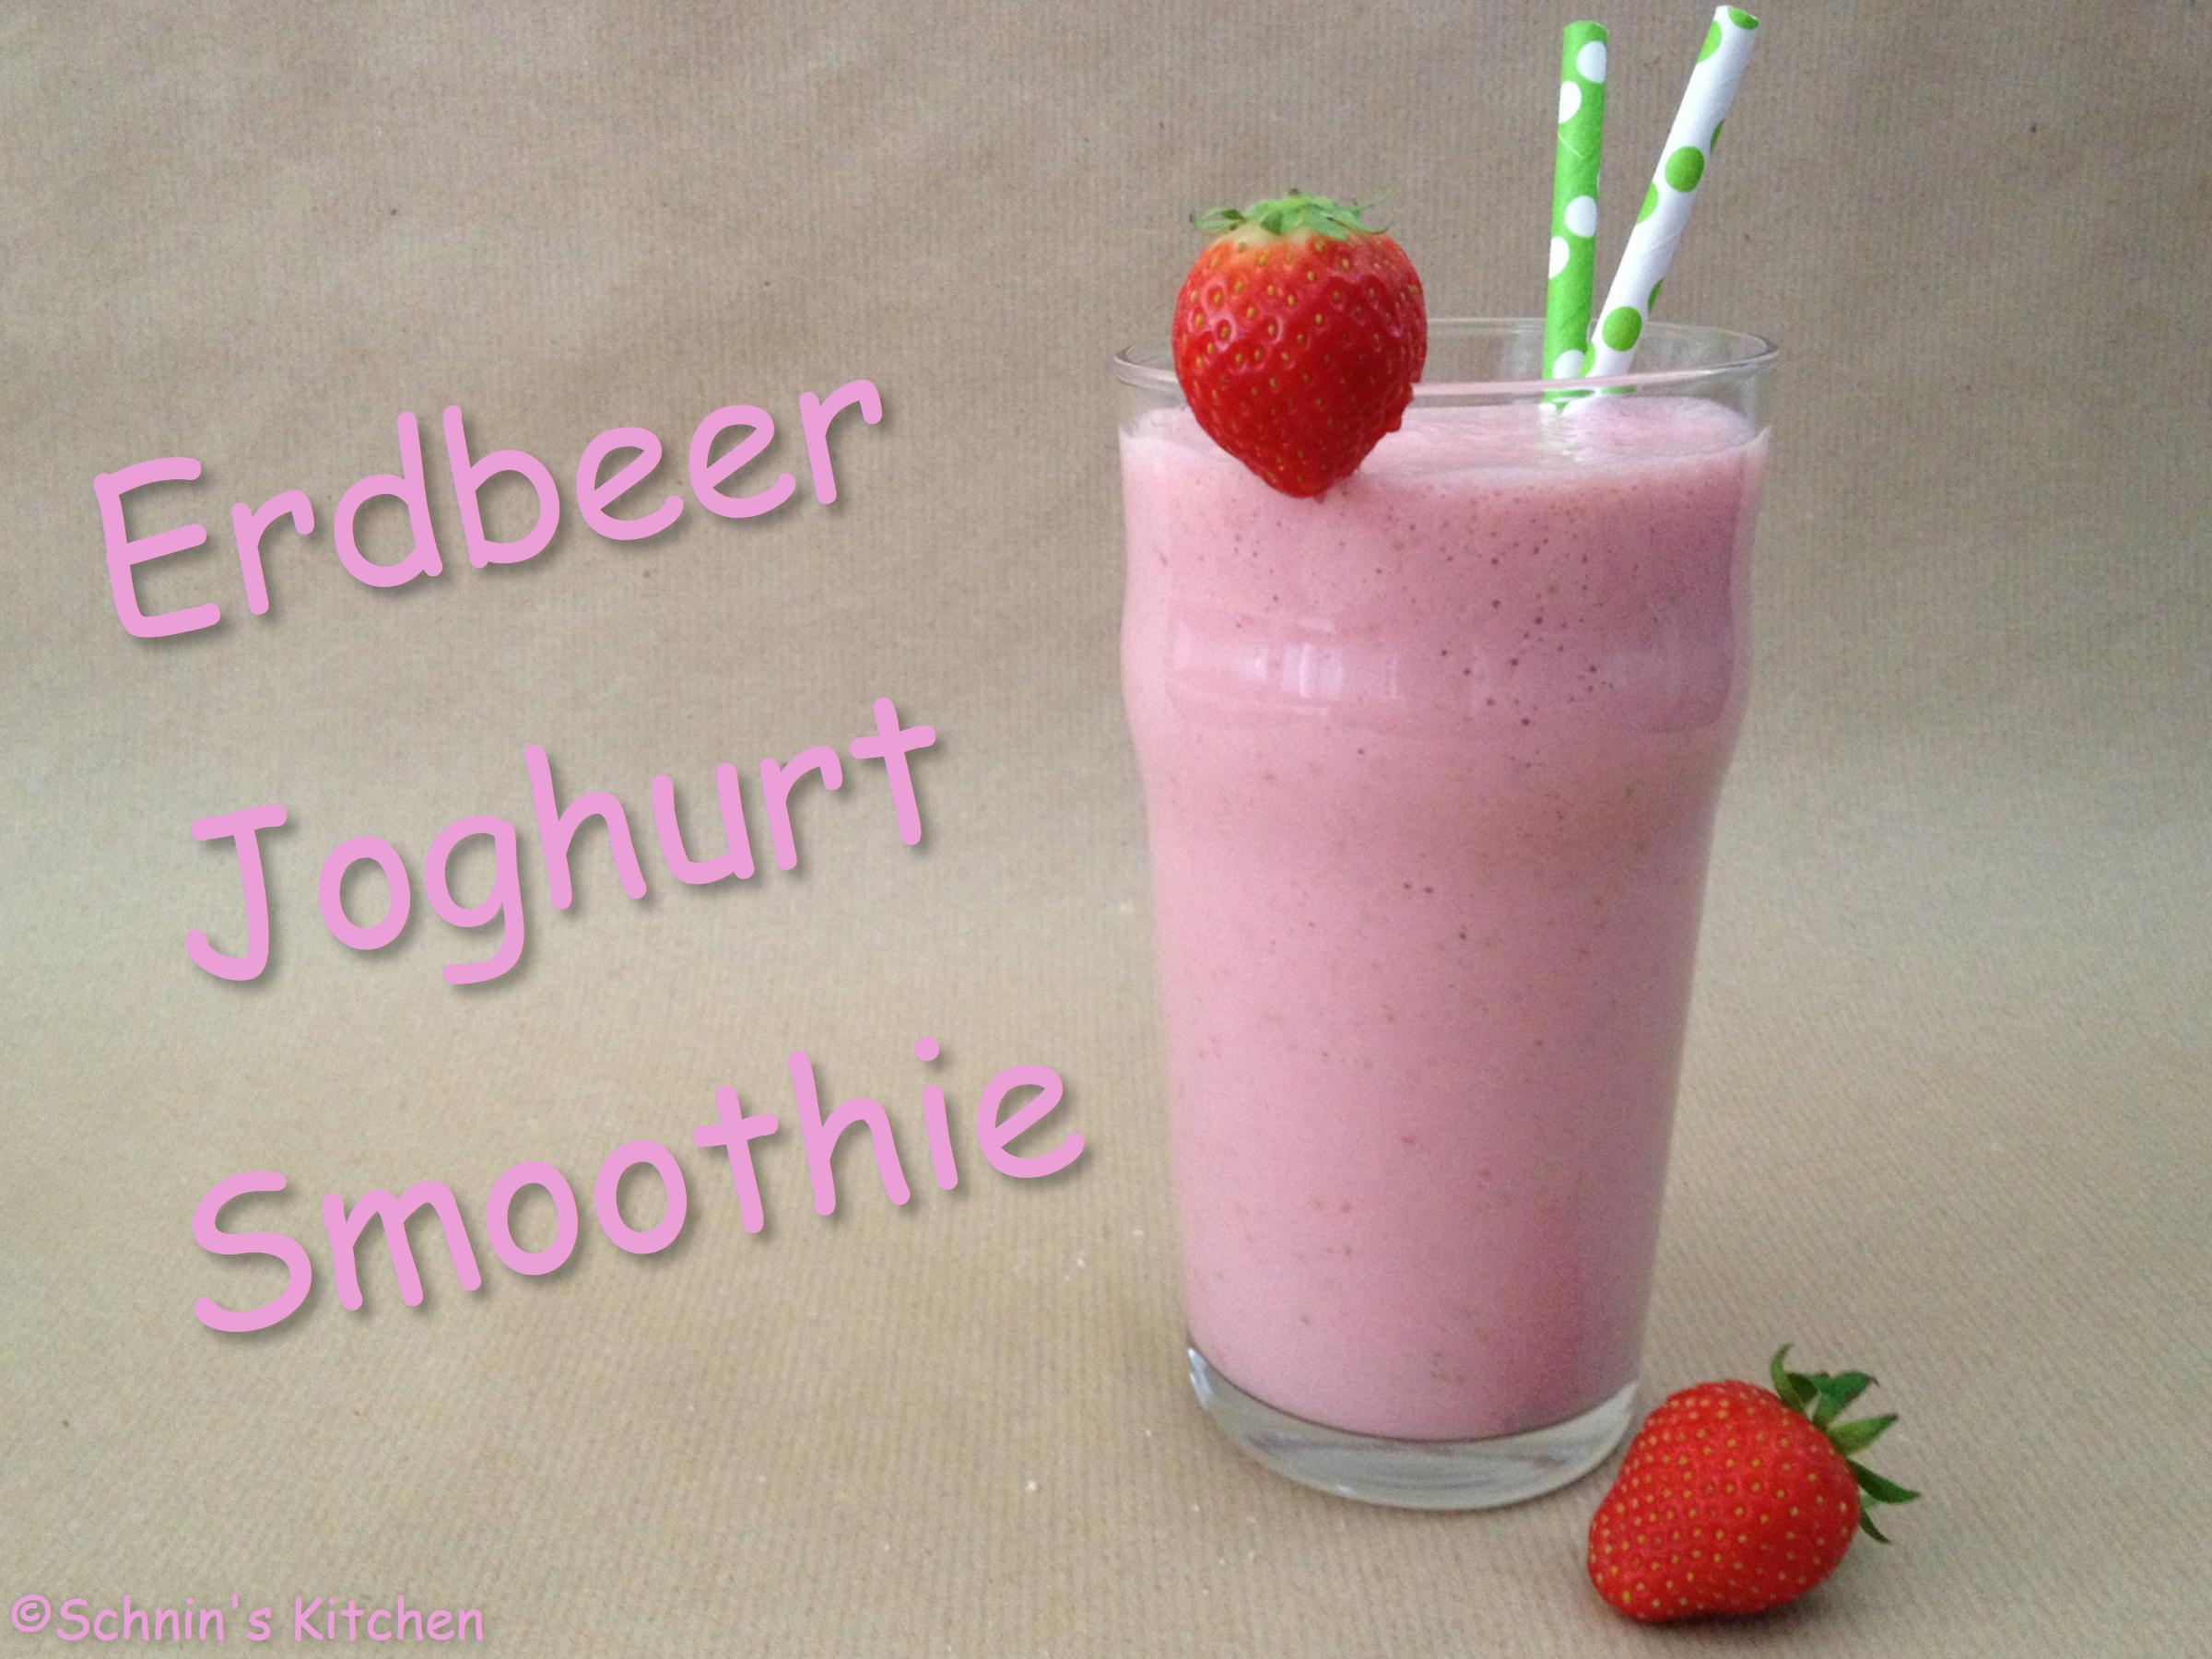 Schnin's Kitchen: Erdbeer-Joghurt-Smoothie